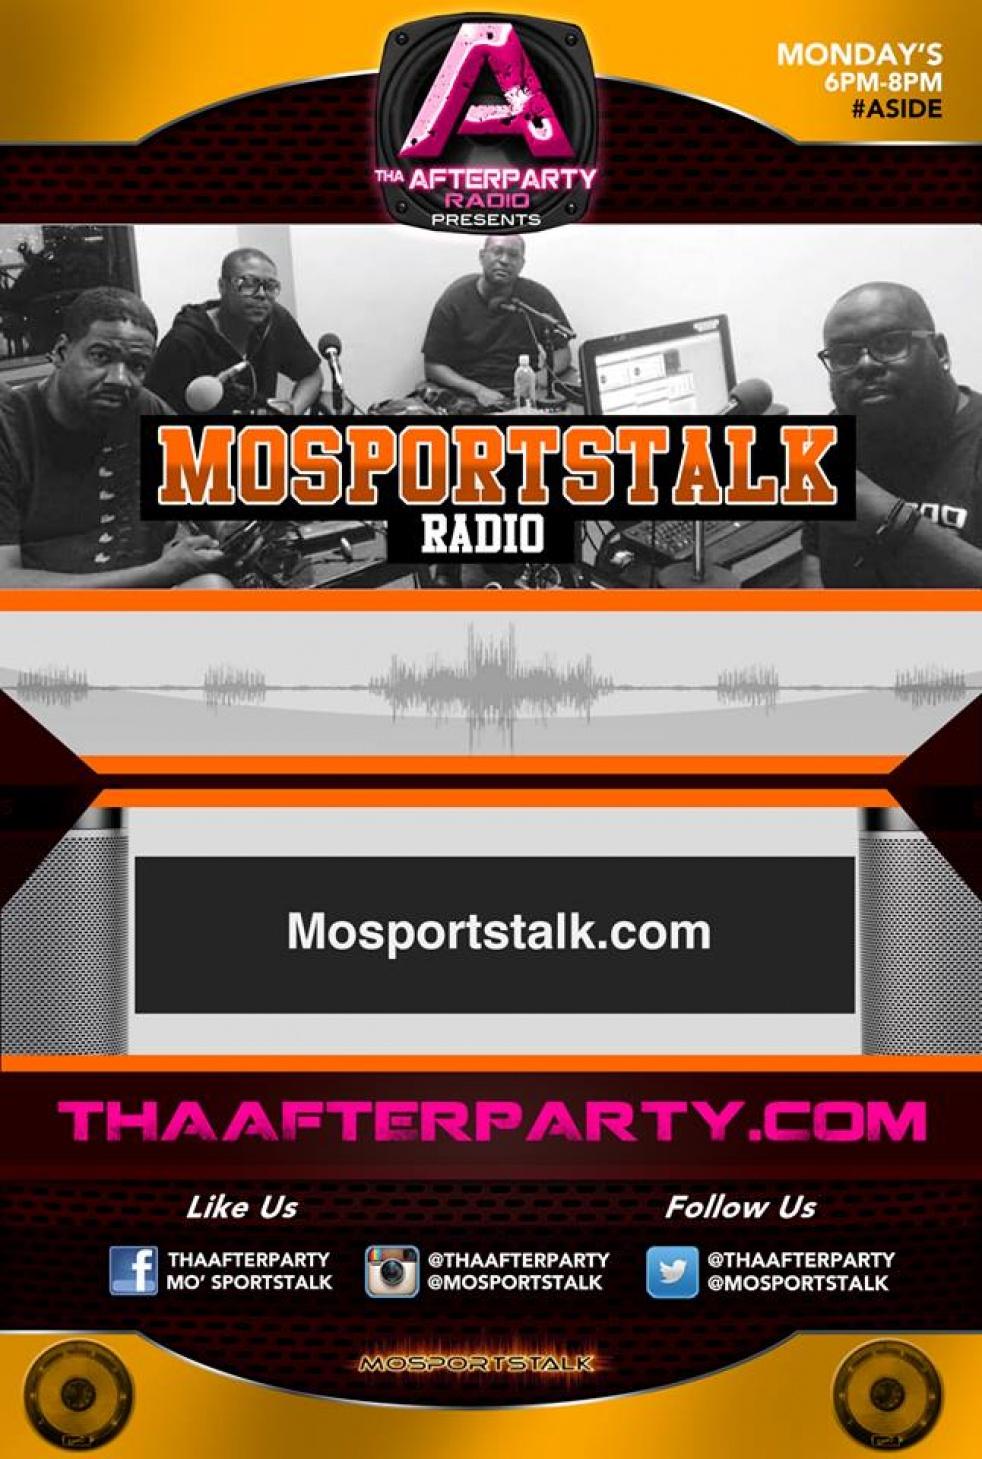 Mo' SportsTalk - imagen de show de portada